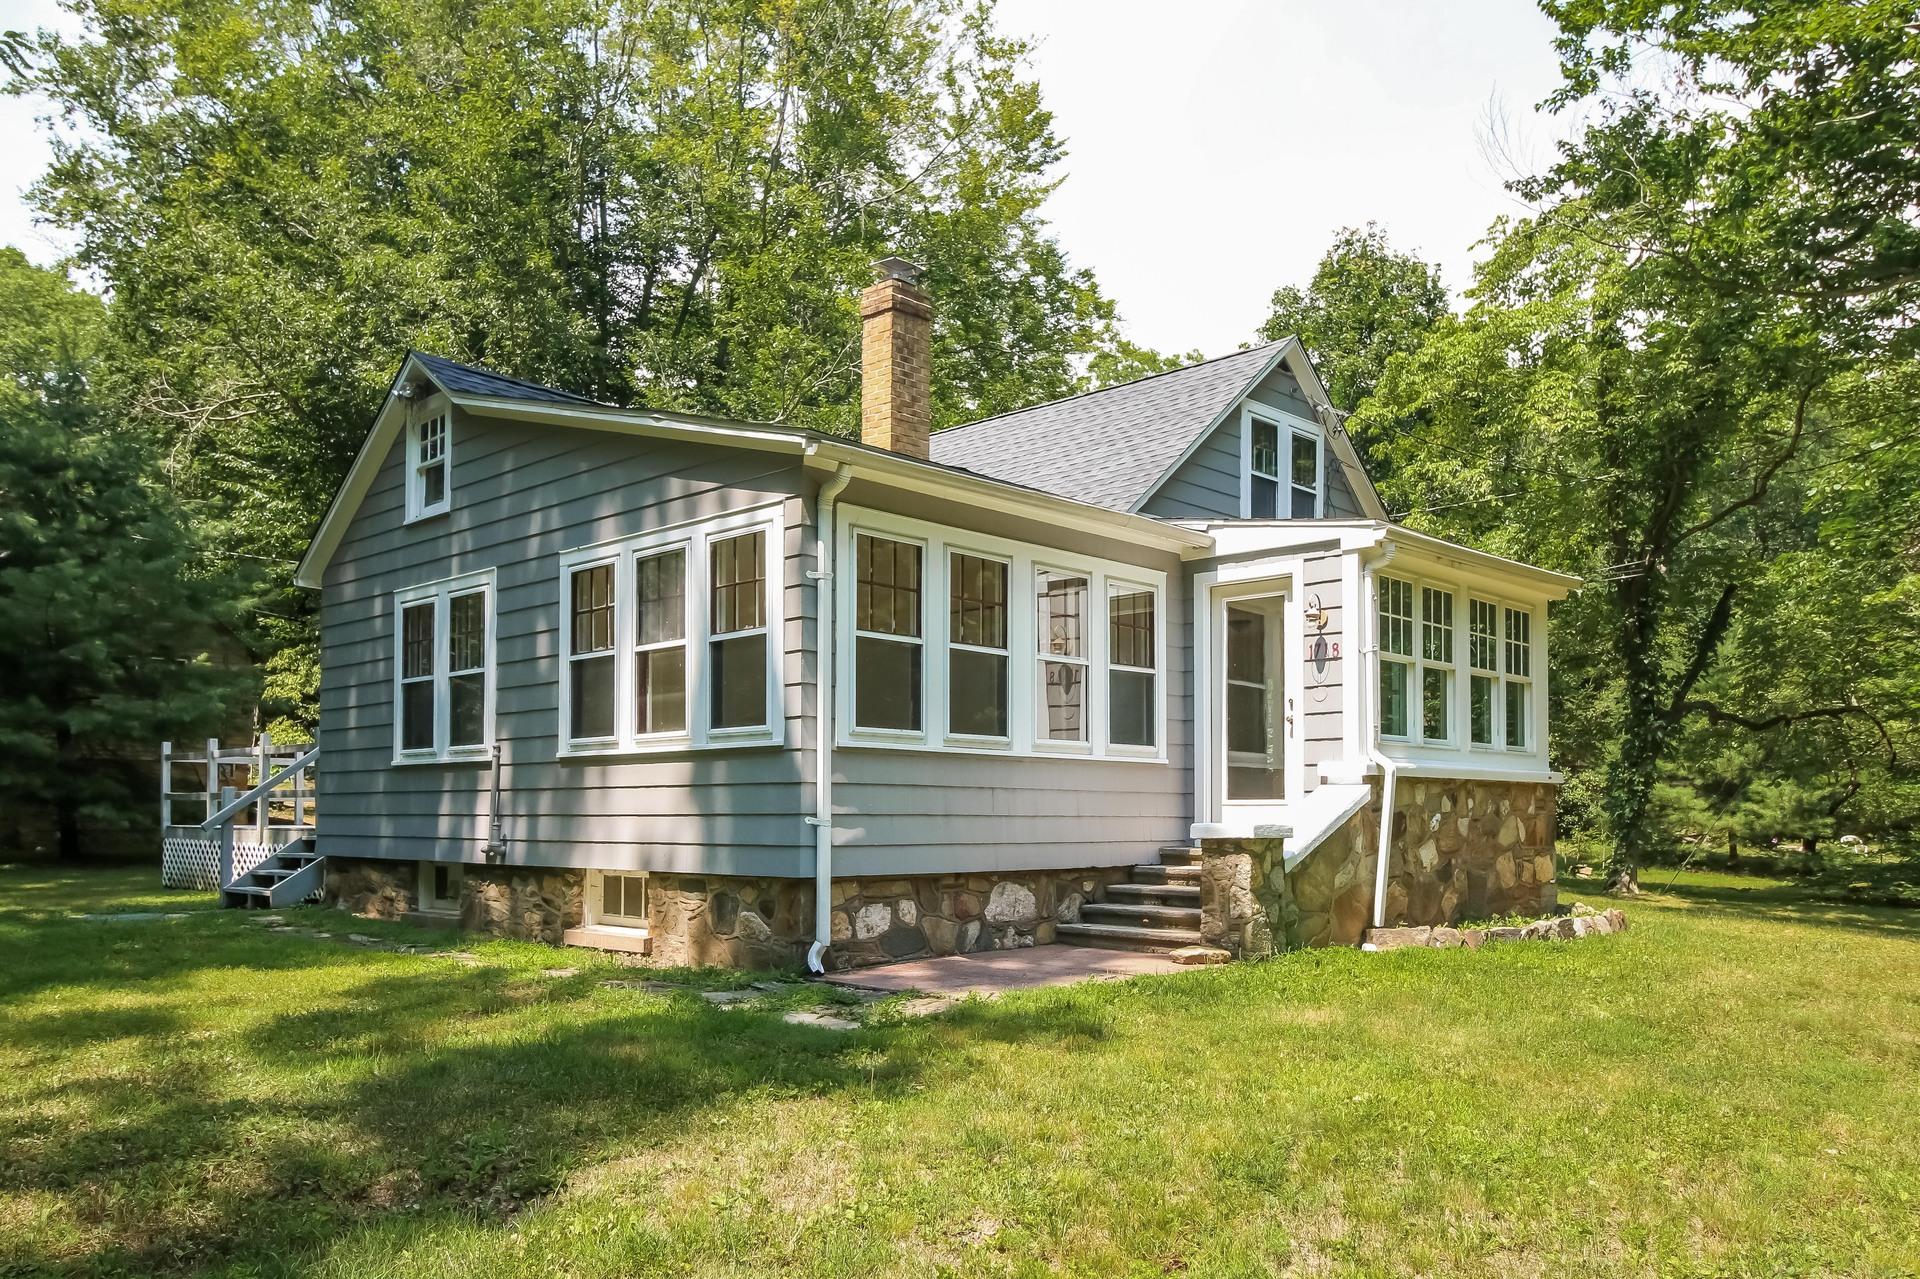 Maison unifamiliale pour l Vente à 1718 Little Meadow Rd Guilford, Connecticut, 06437 États-Unis